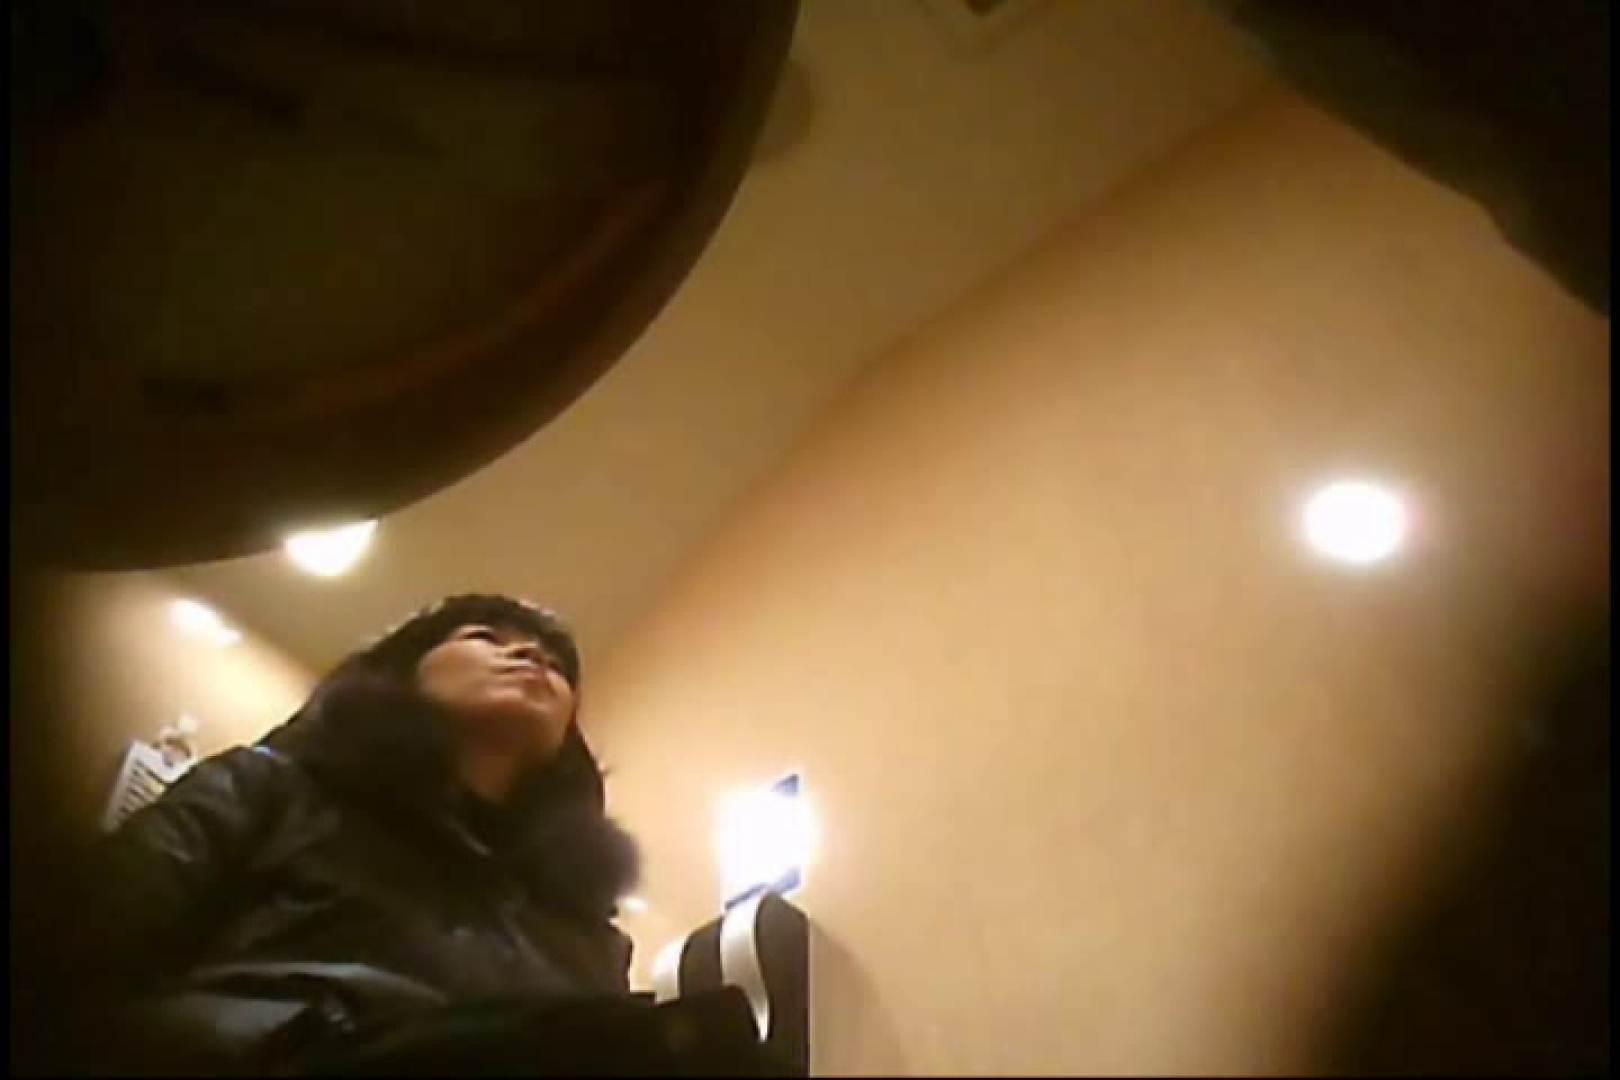 潜入!!女子化粧室盗撮~絶対見られたくない時間~vo,73 潜入突撃 えろ無修正画像 90pic 2